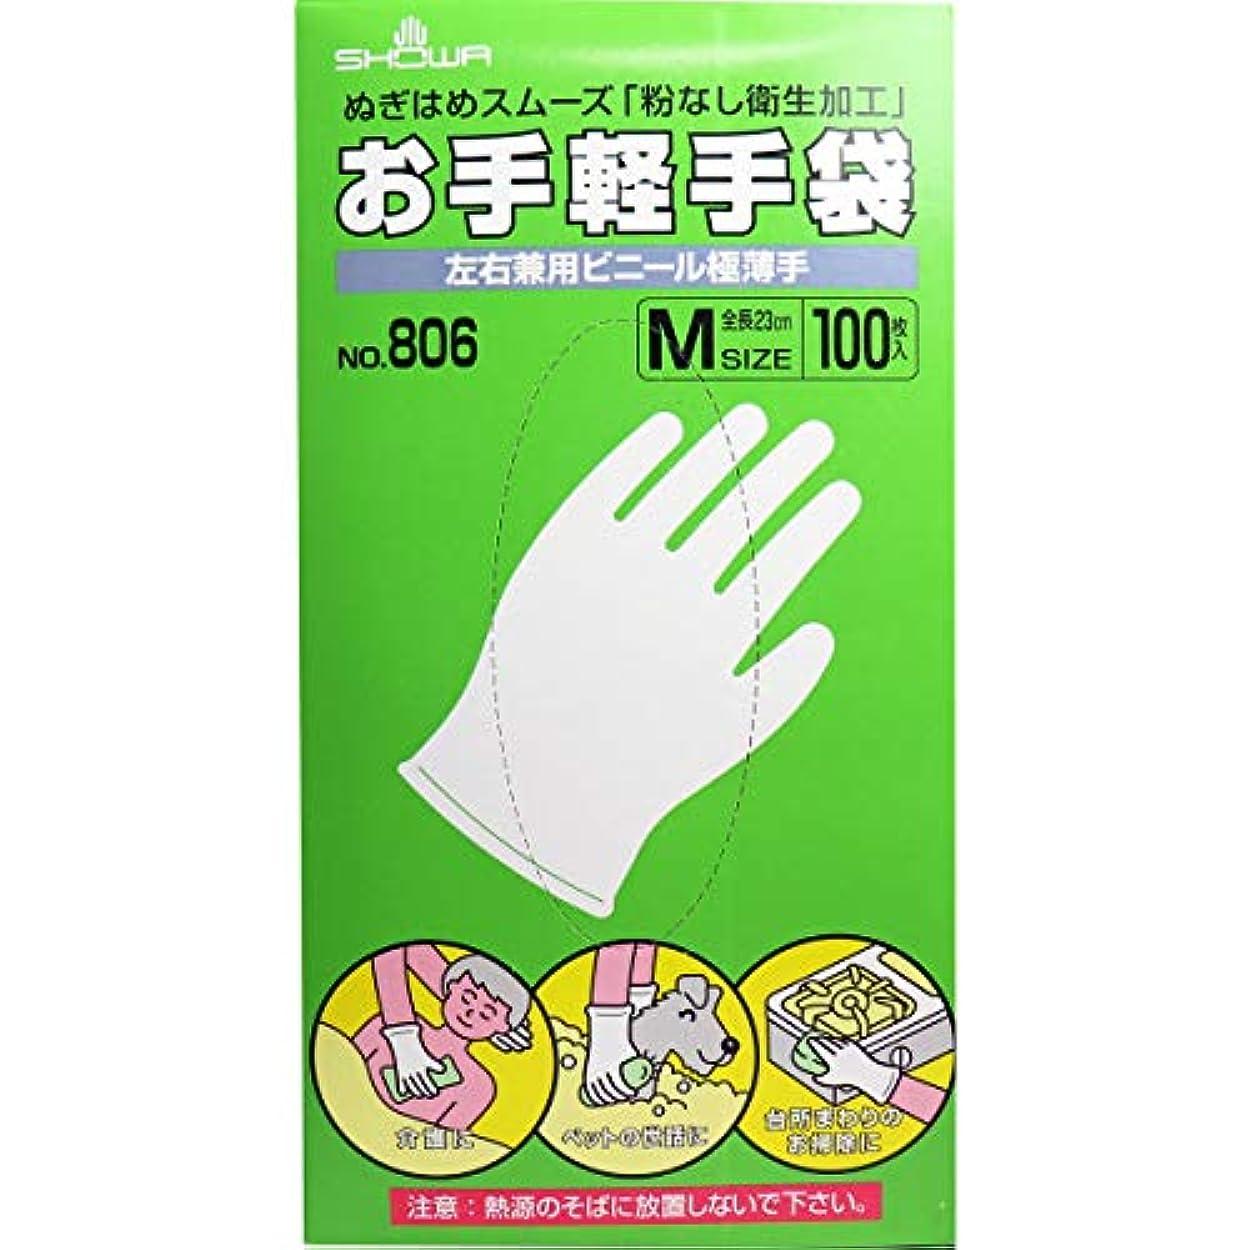 バンガロー大理石反発お手軽手袋 No.806 左右兼用ビニール極薄手 粉なし Mサイズ 100枚入×2個セット